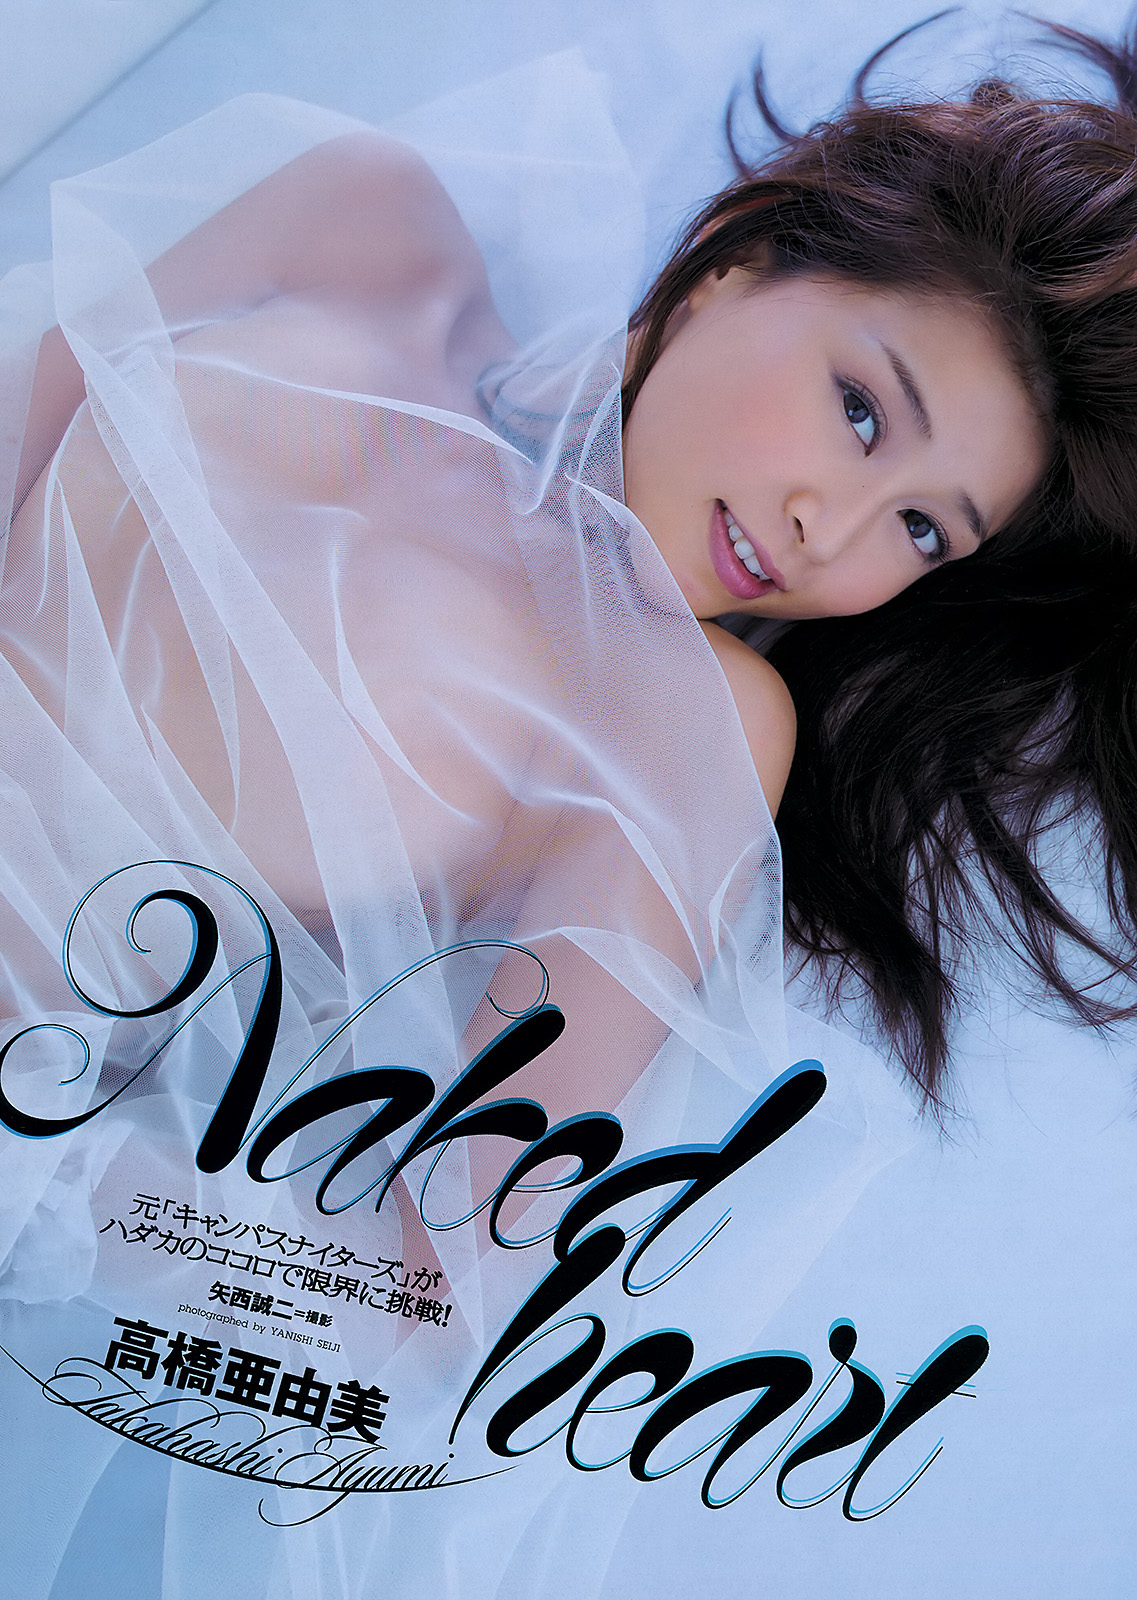 元キャンナイ・高橋亜由美がブラ付けずFカップ生おっぱいをギリギリ披露画像1